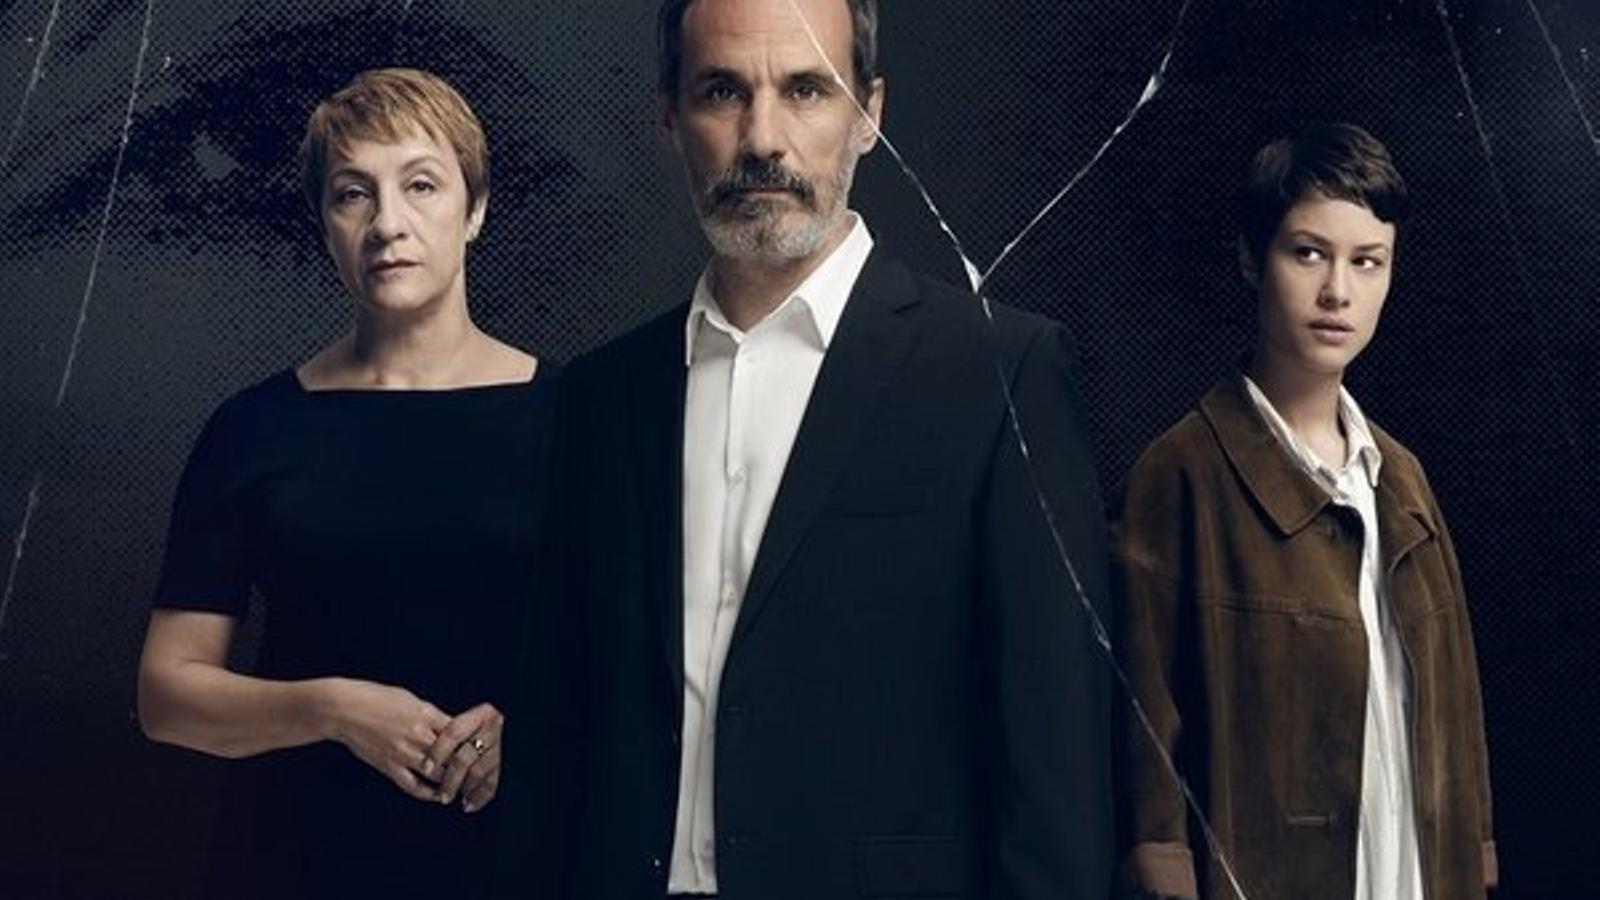 Paramount adaptarà la sèrie 'Sé quién eres' als Estats Units